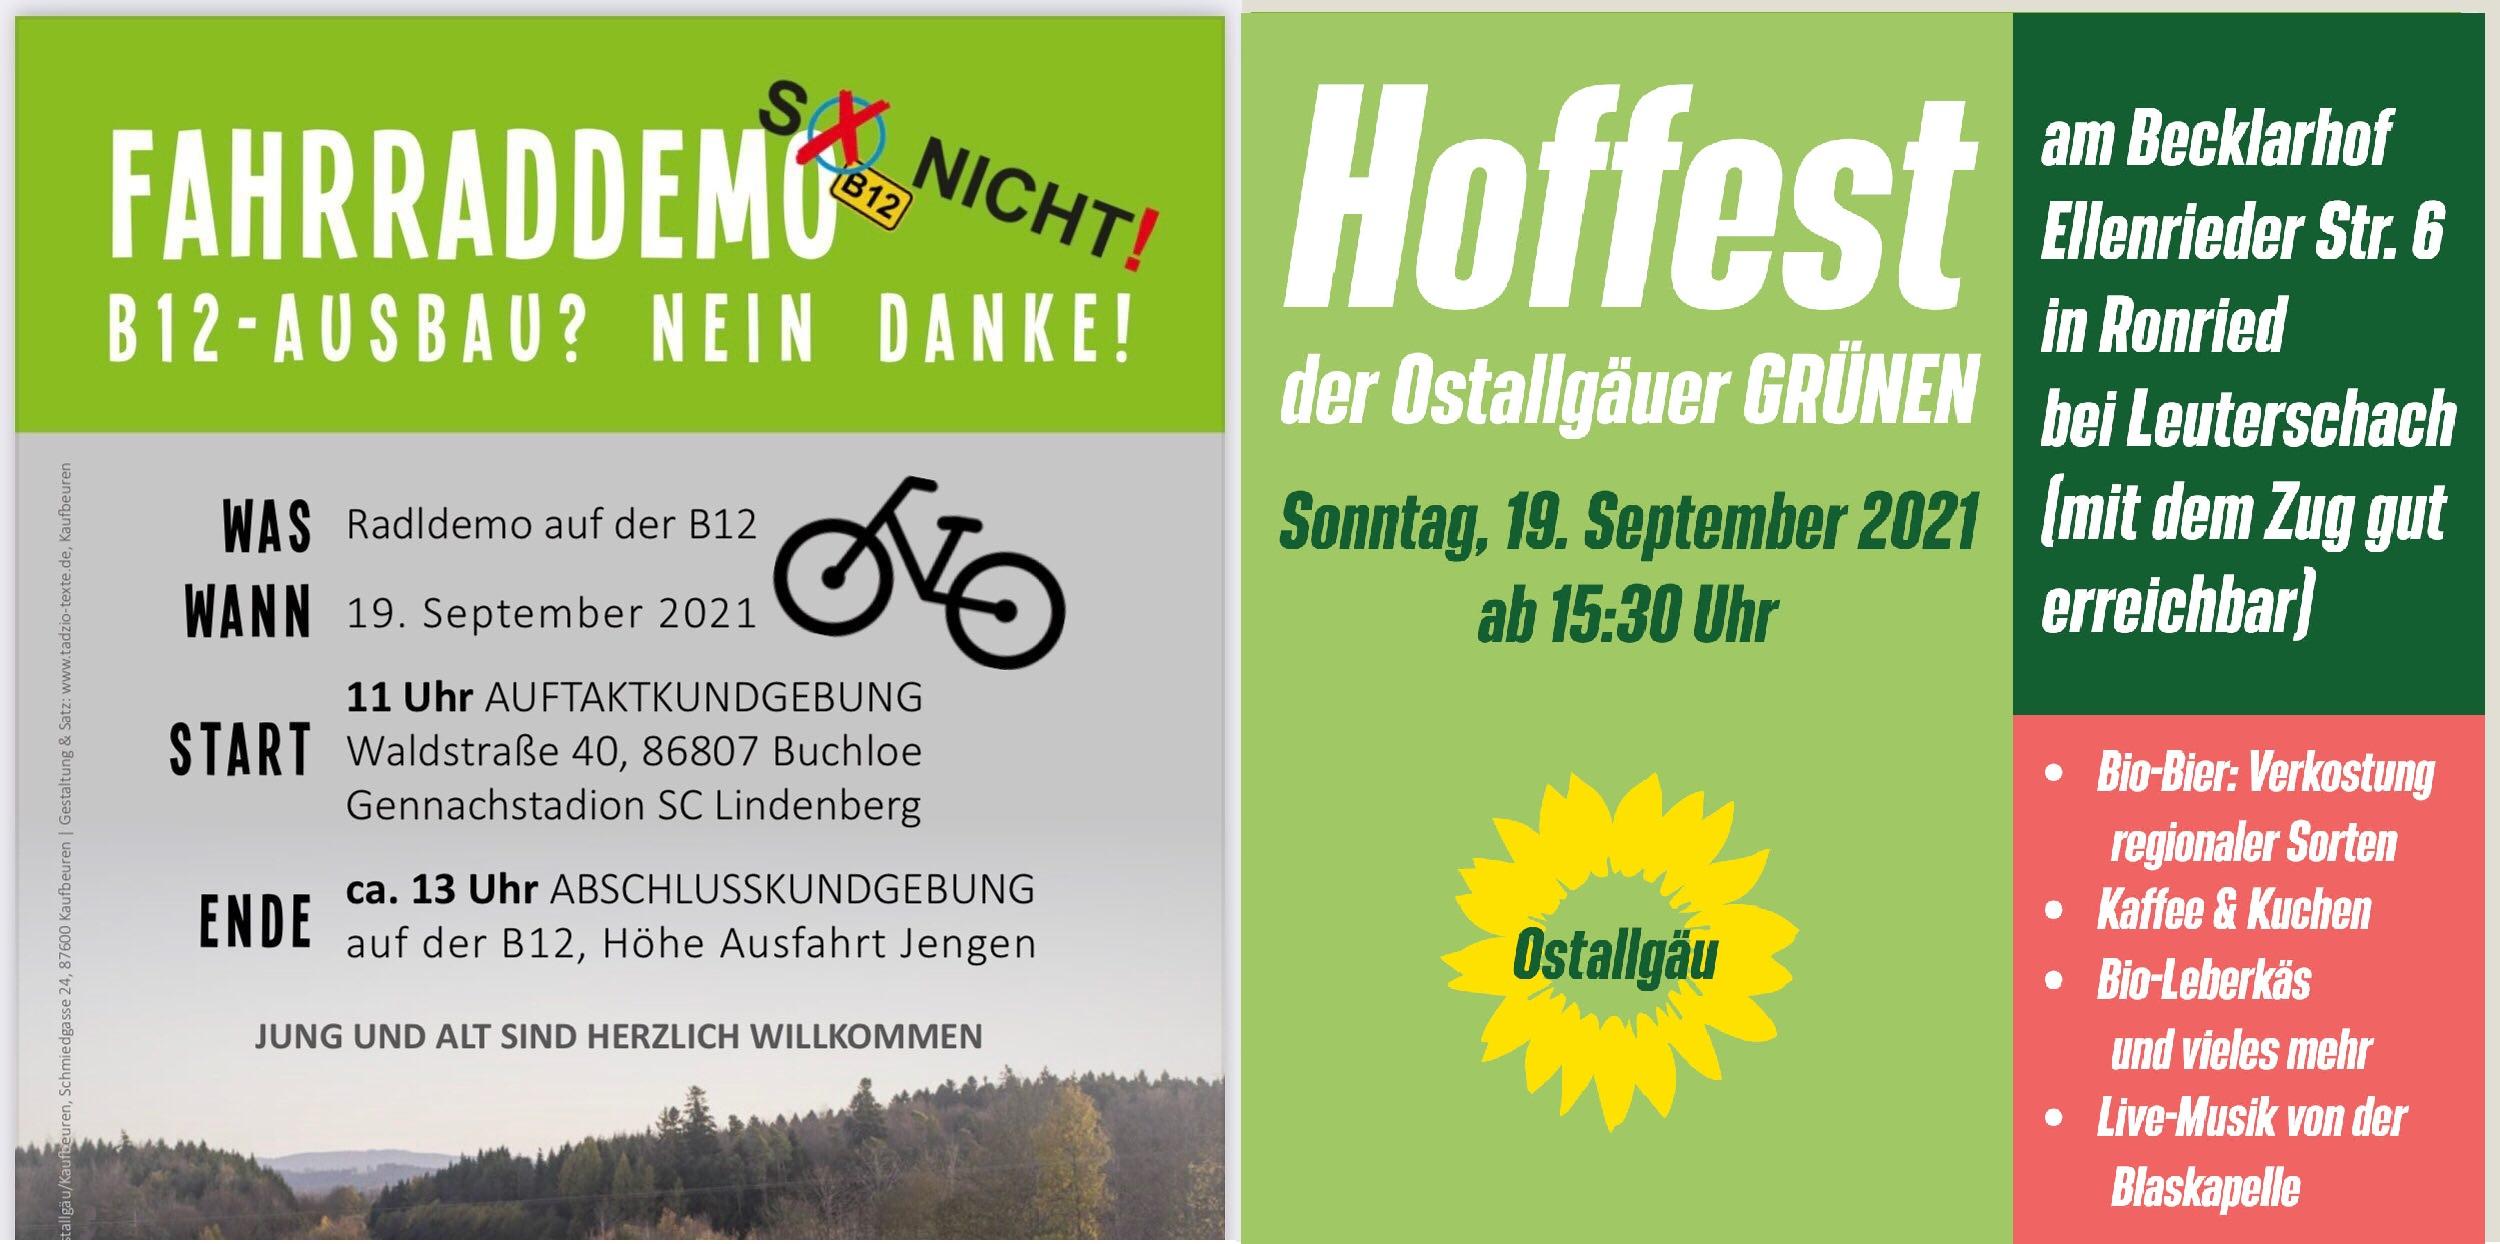 Sonntag: Radeln auf der B12 und Feiern am Becklarhof